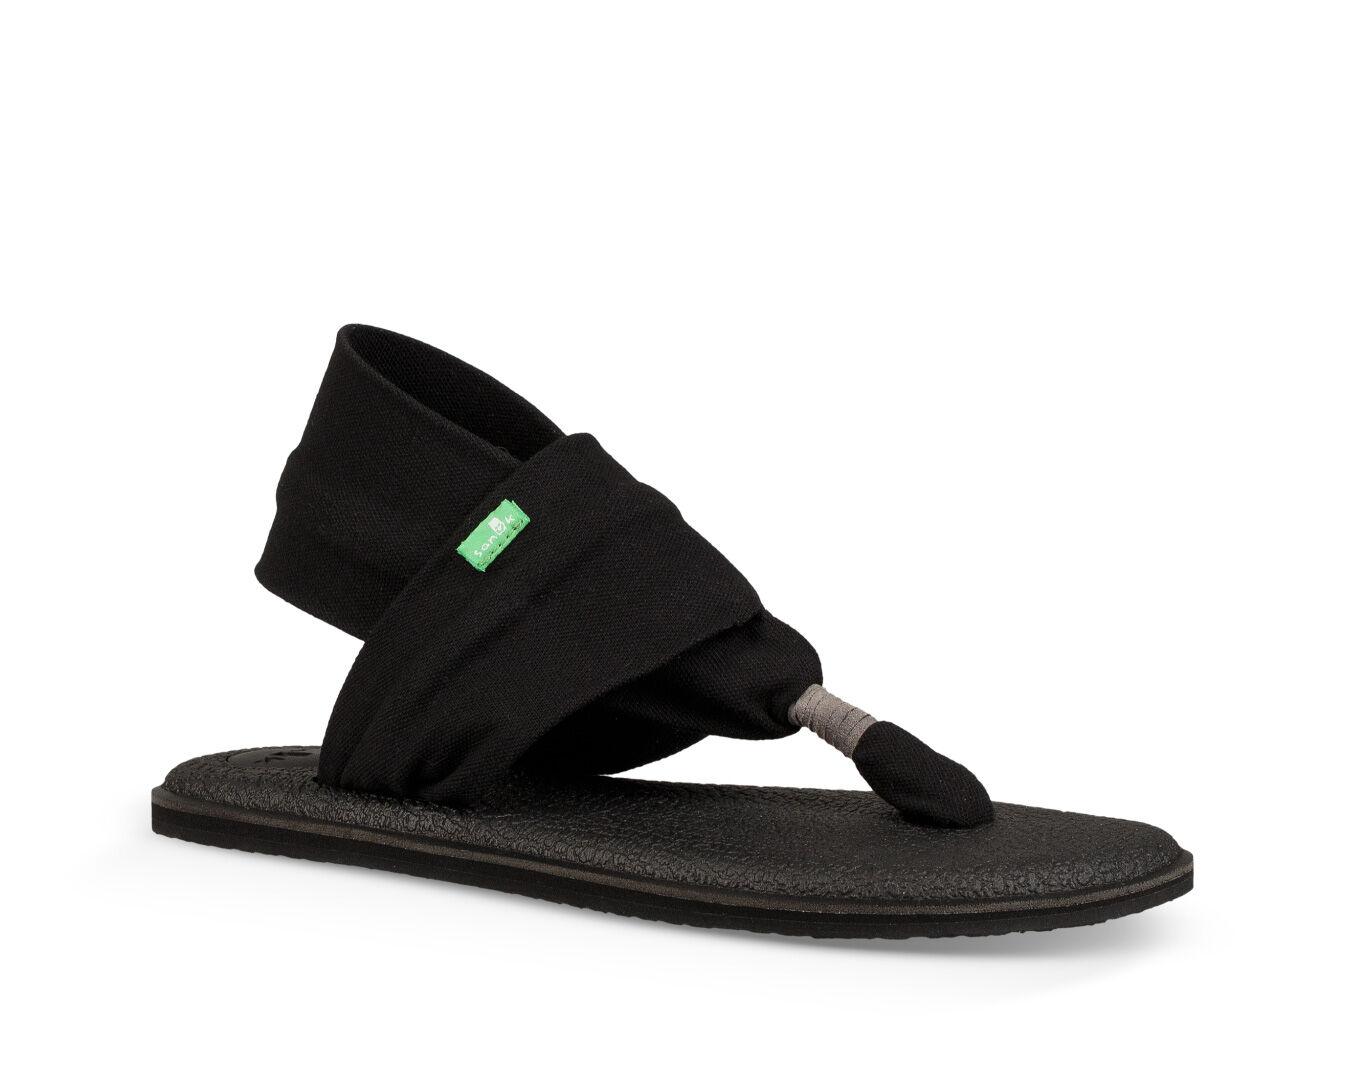 Sanuk Yoga Mat Sandals KJlR7OTd